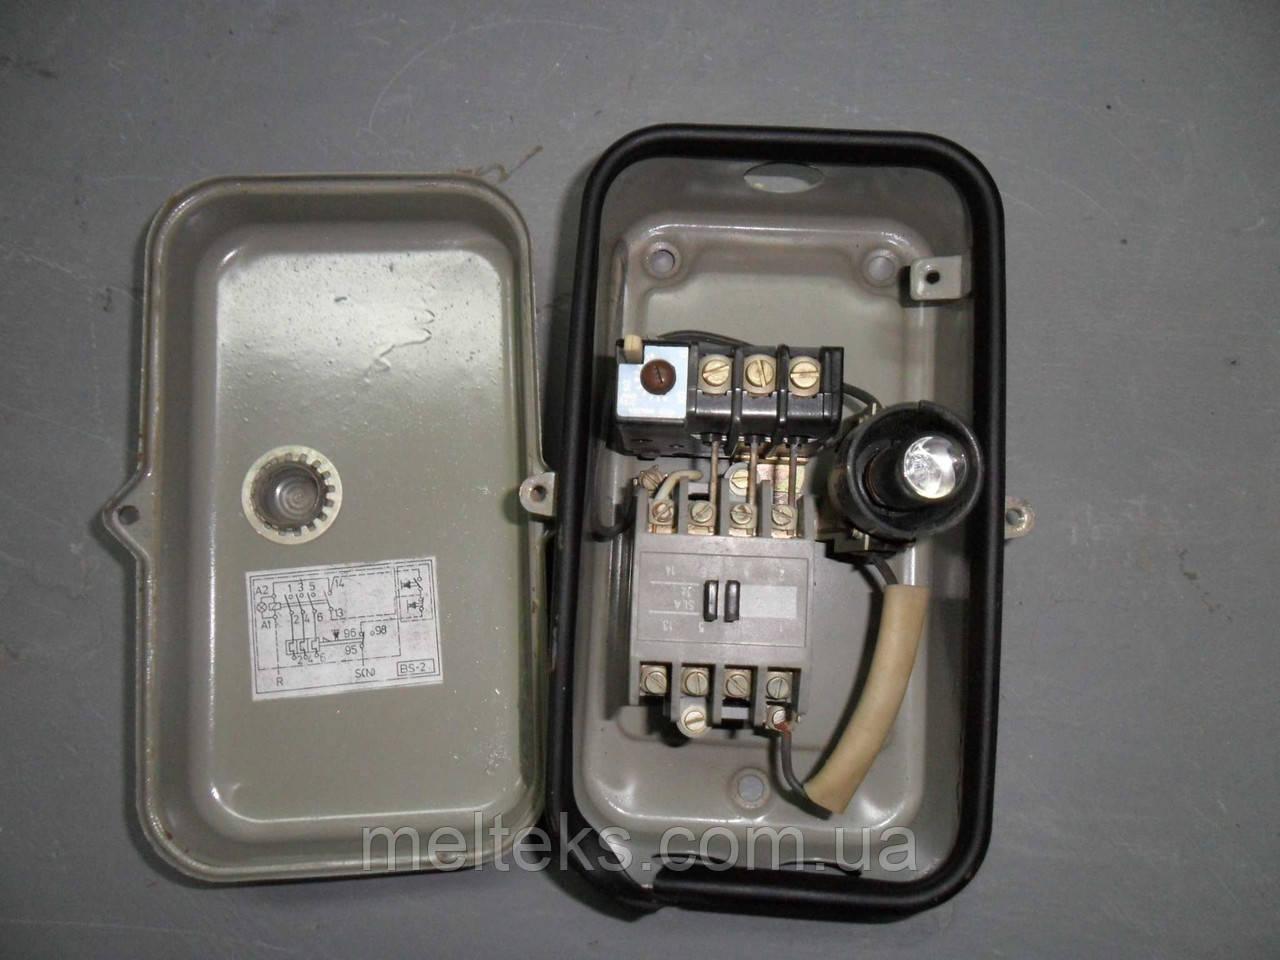 Пускатель электрический для ФАК (цены в тексте описания)